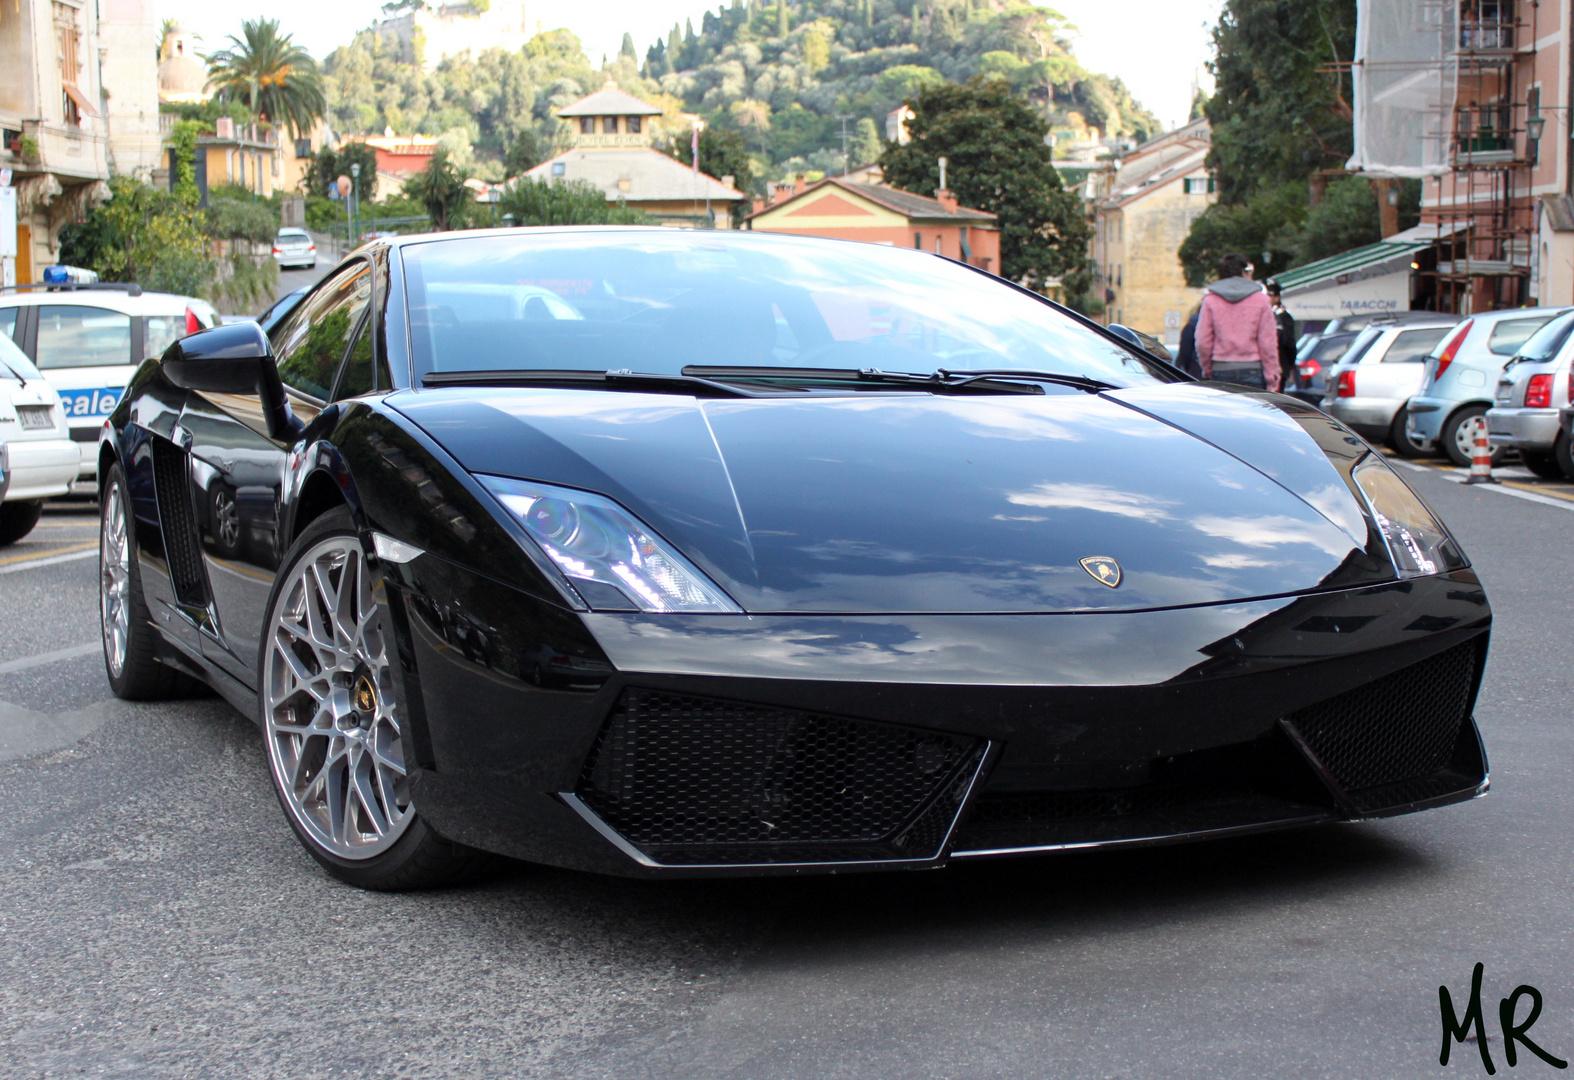 Lamborghini LP 560-4 at Portofino